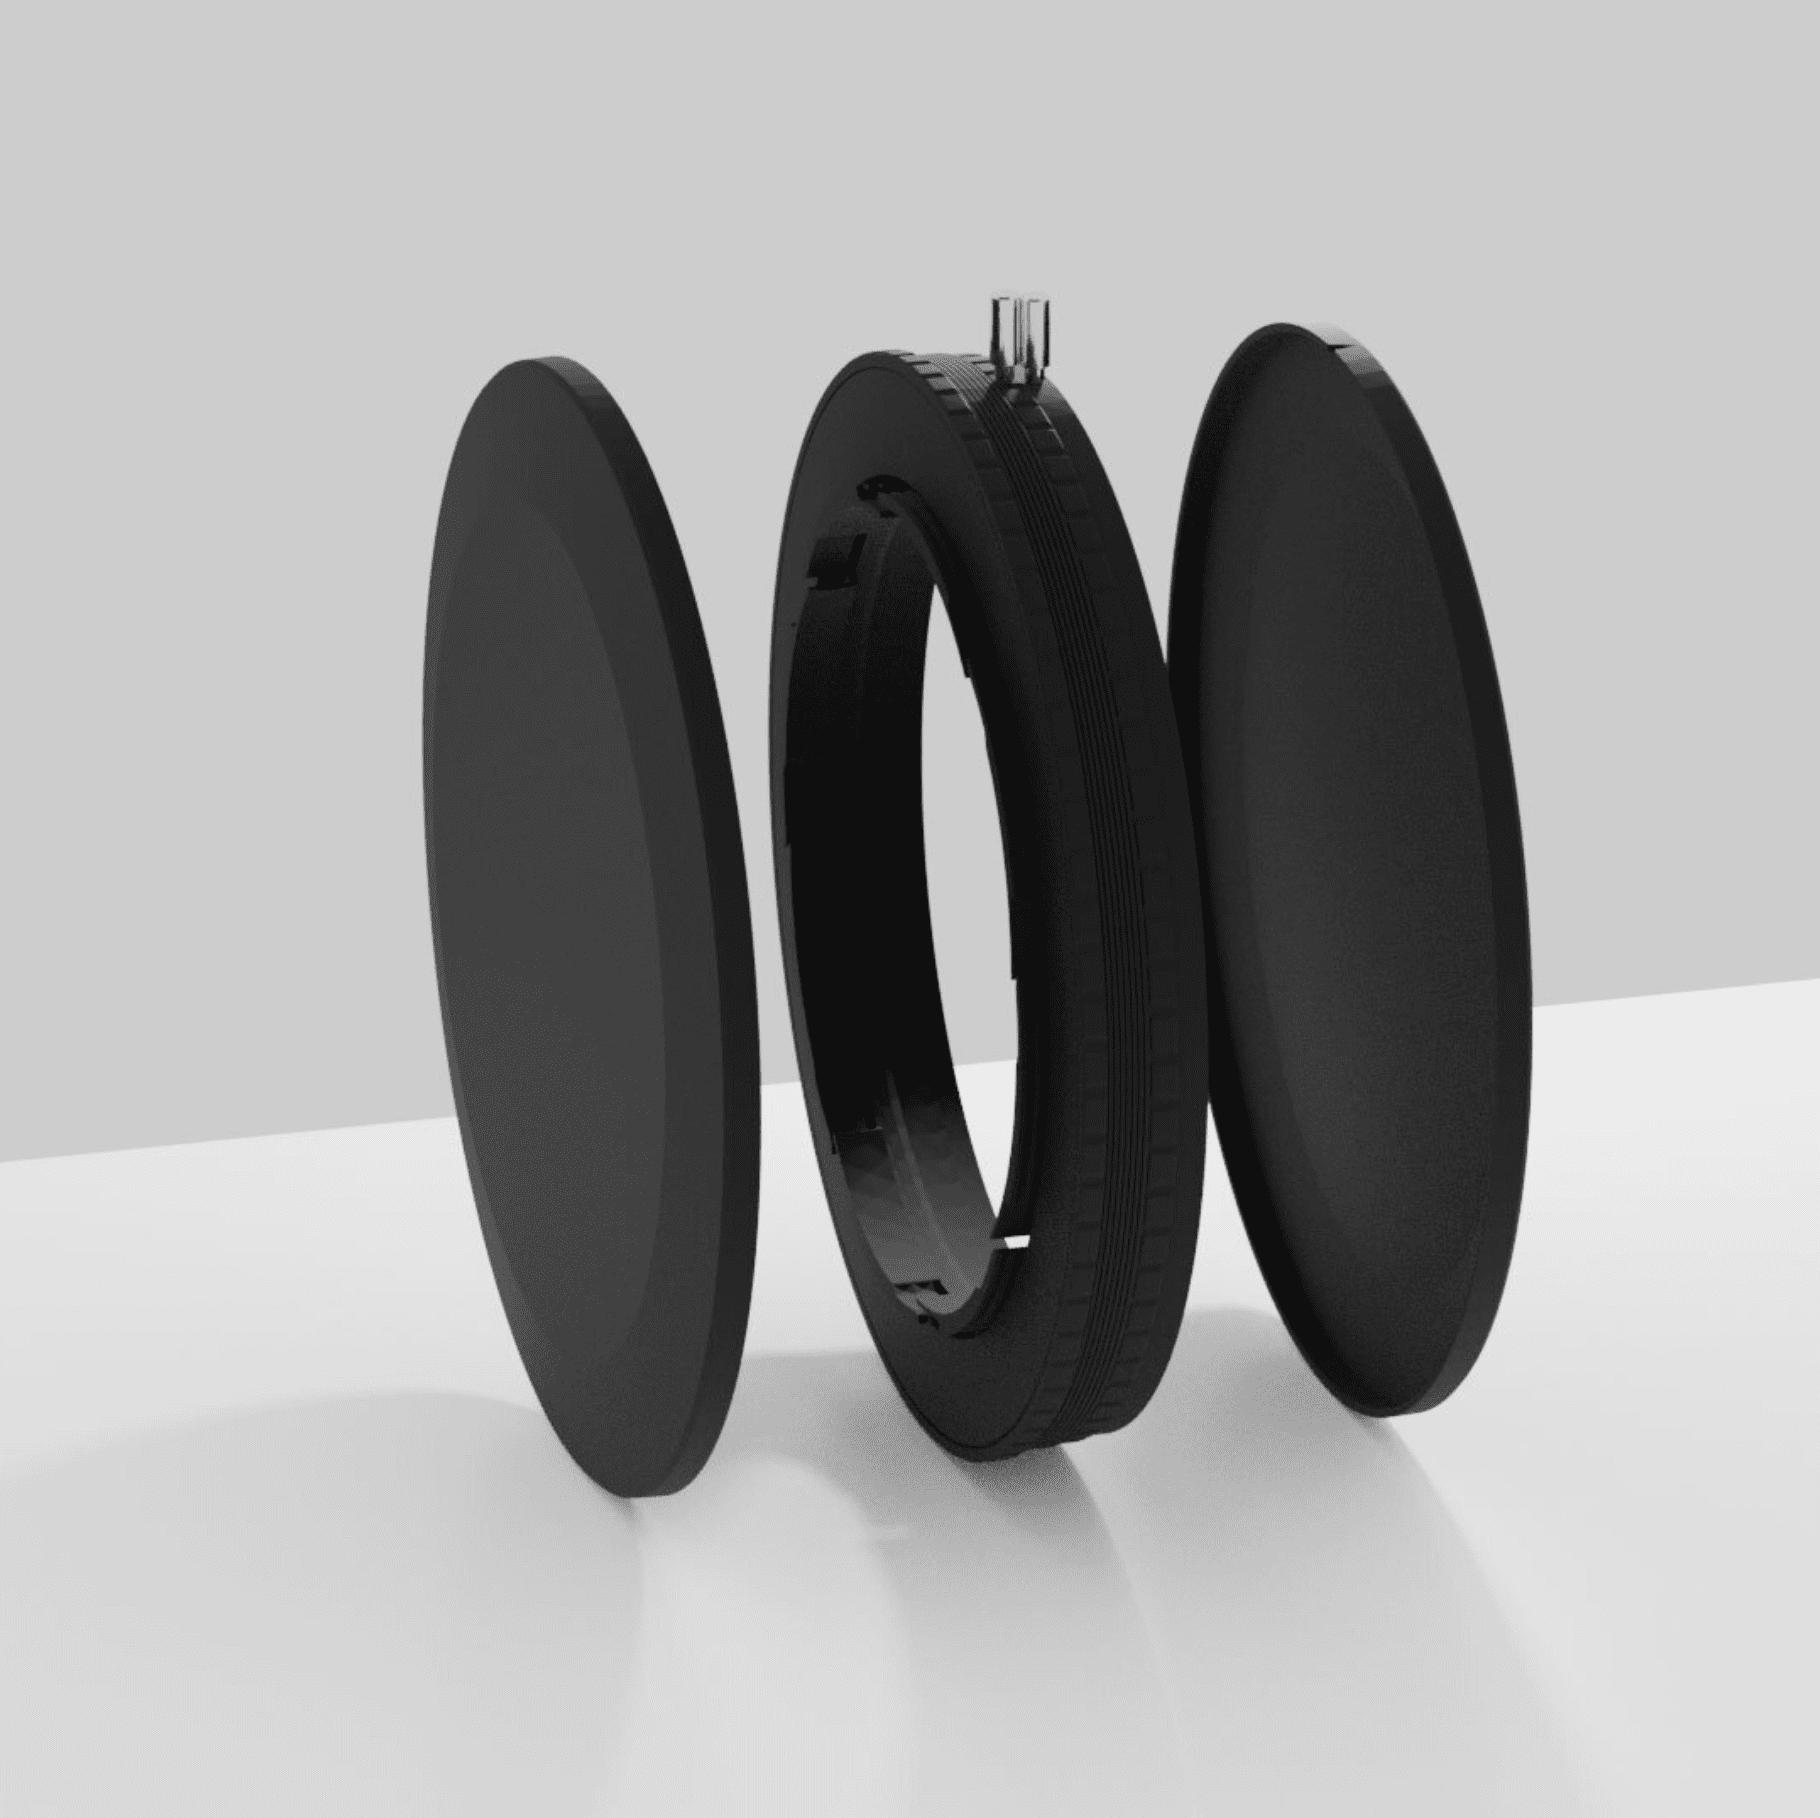 H&Y Filters RevoRing Magnetic Front & Back Cap